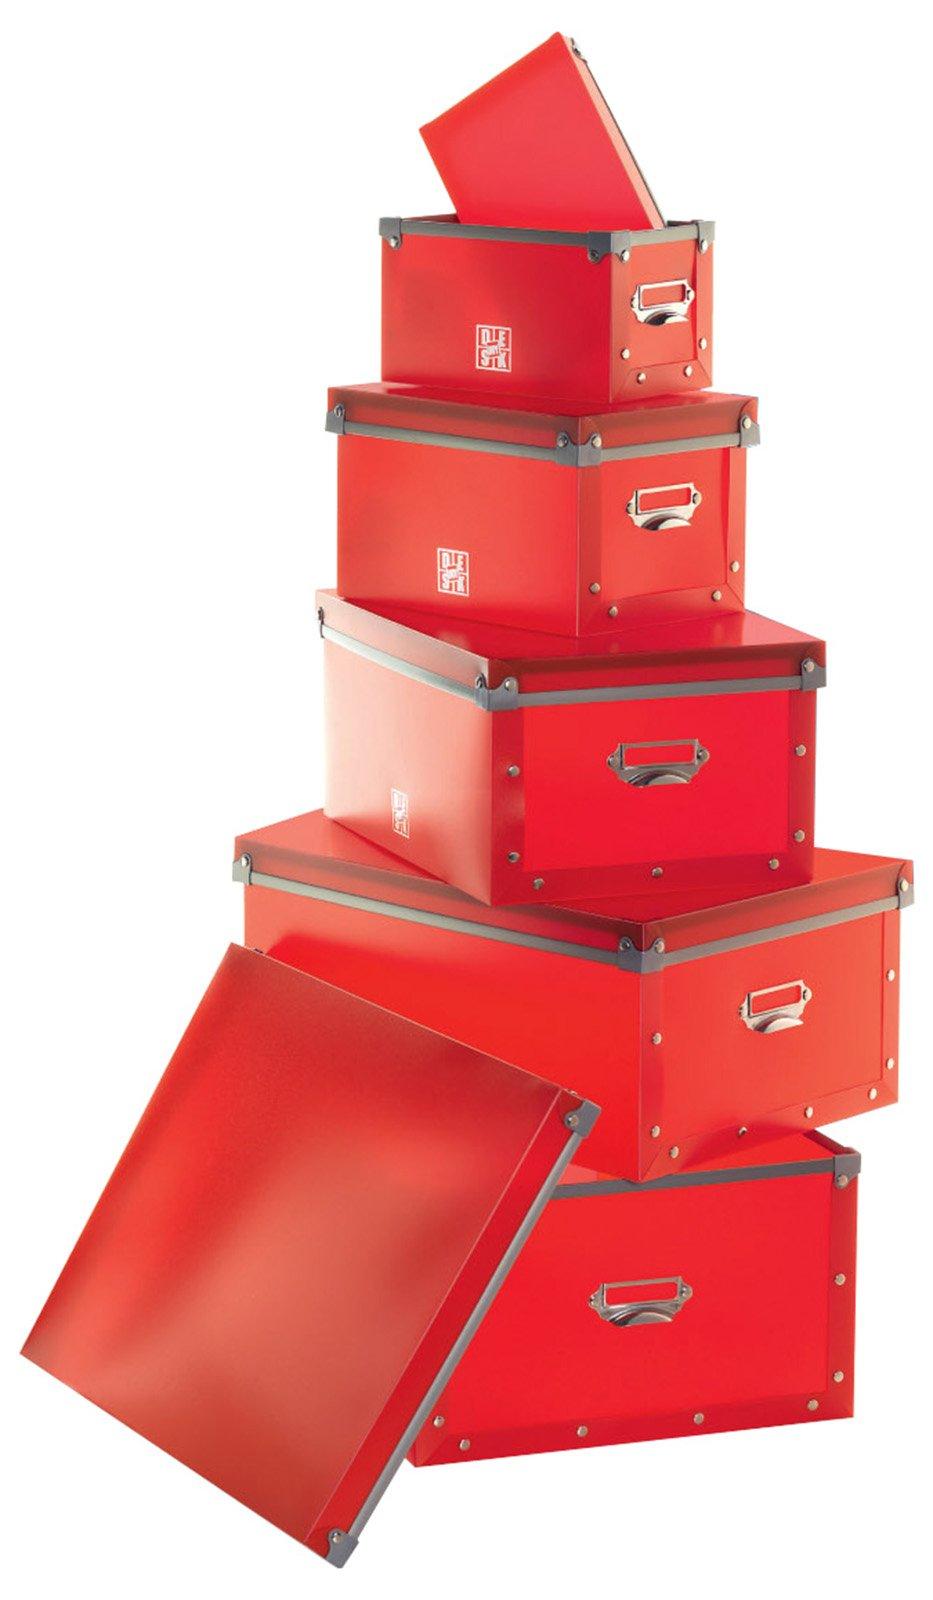 5riplast set scatole rosse regali natale cose di casa - Scatole per trasloco ikea ...